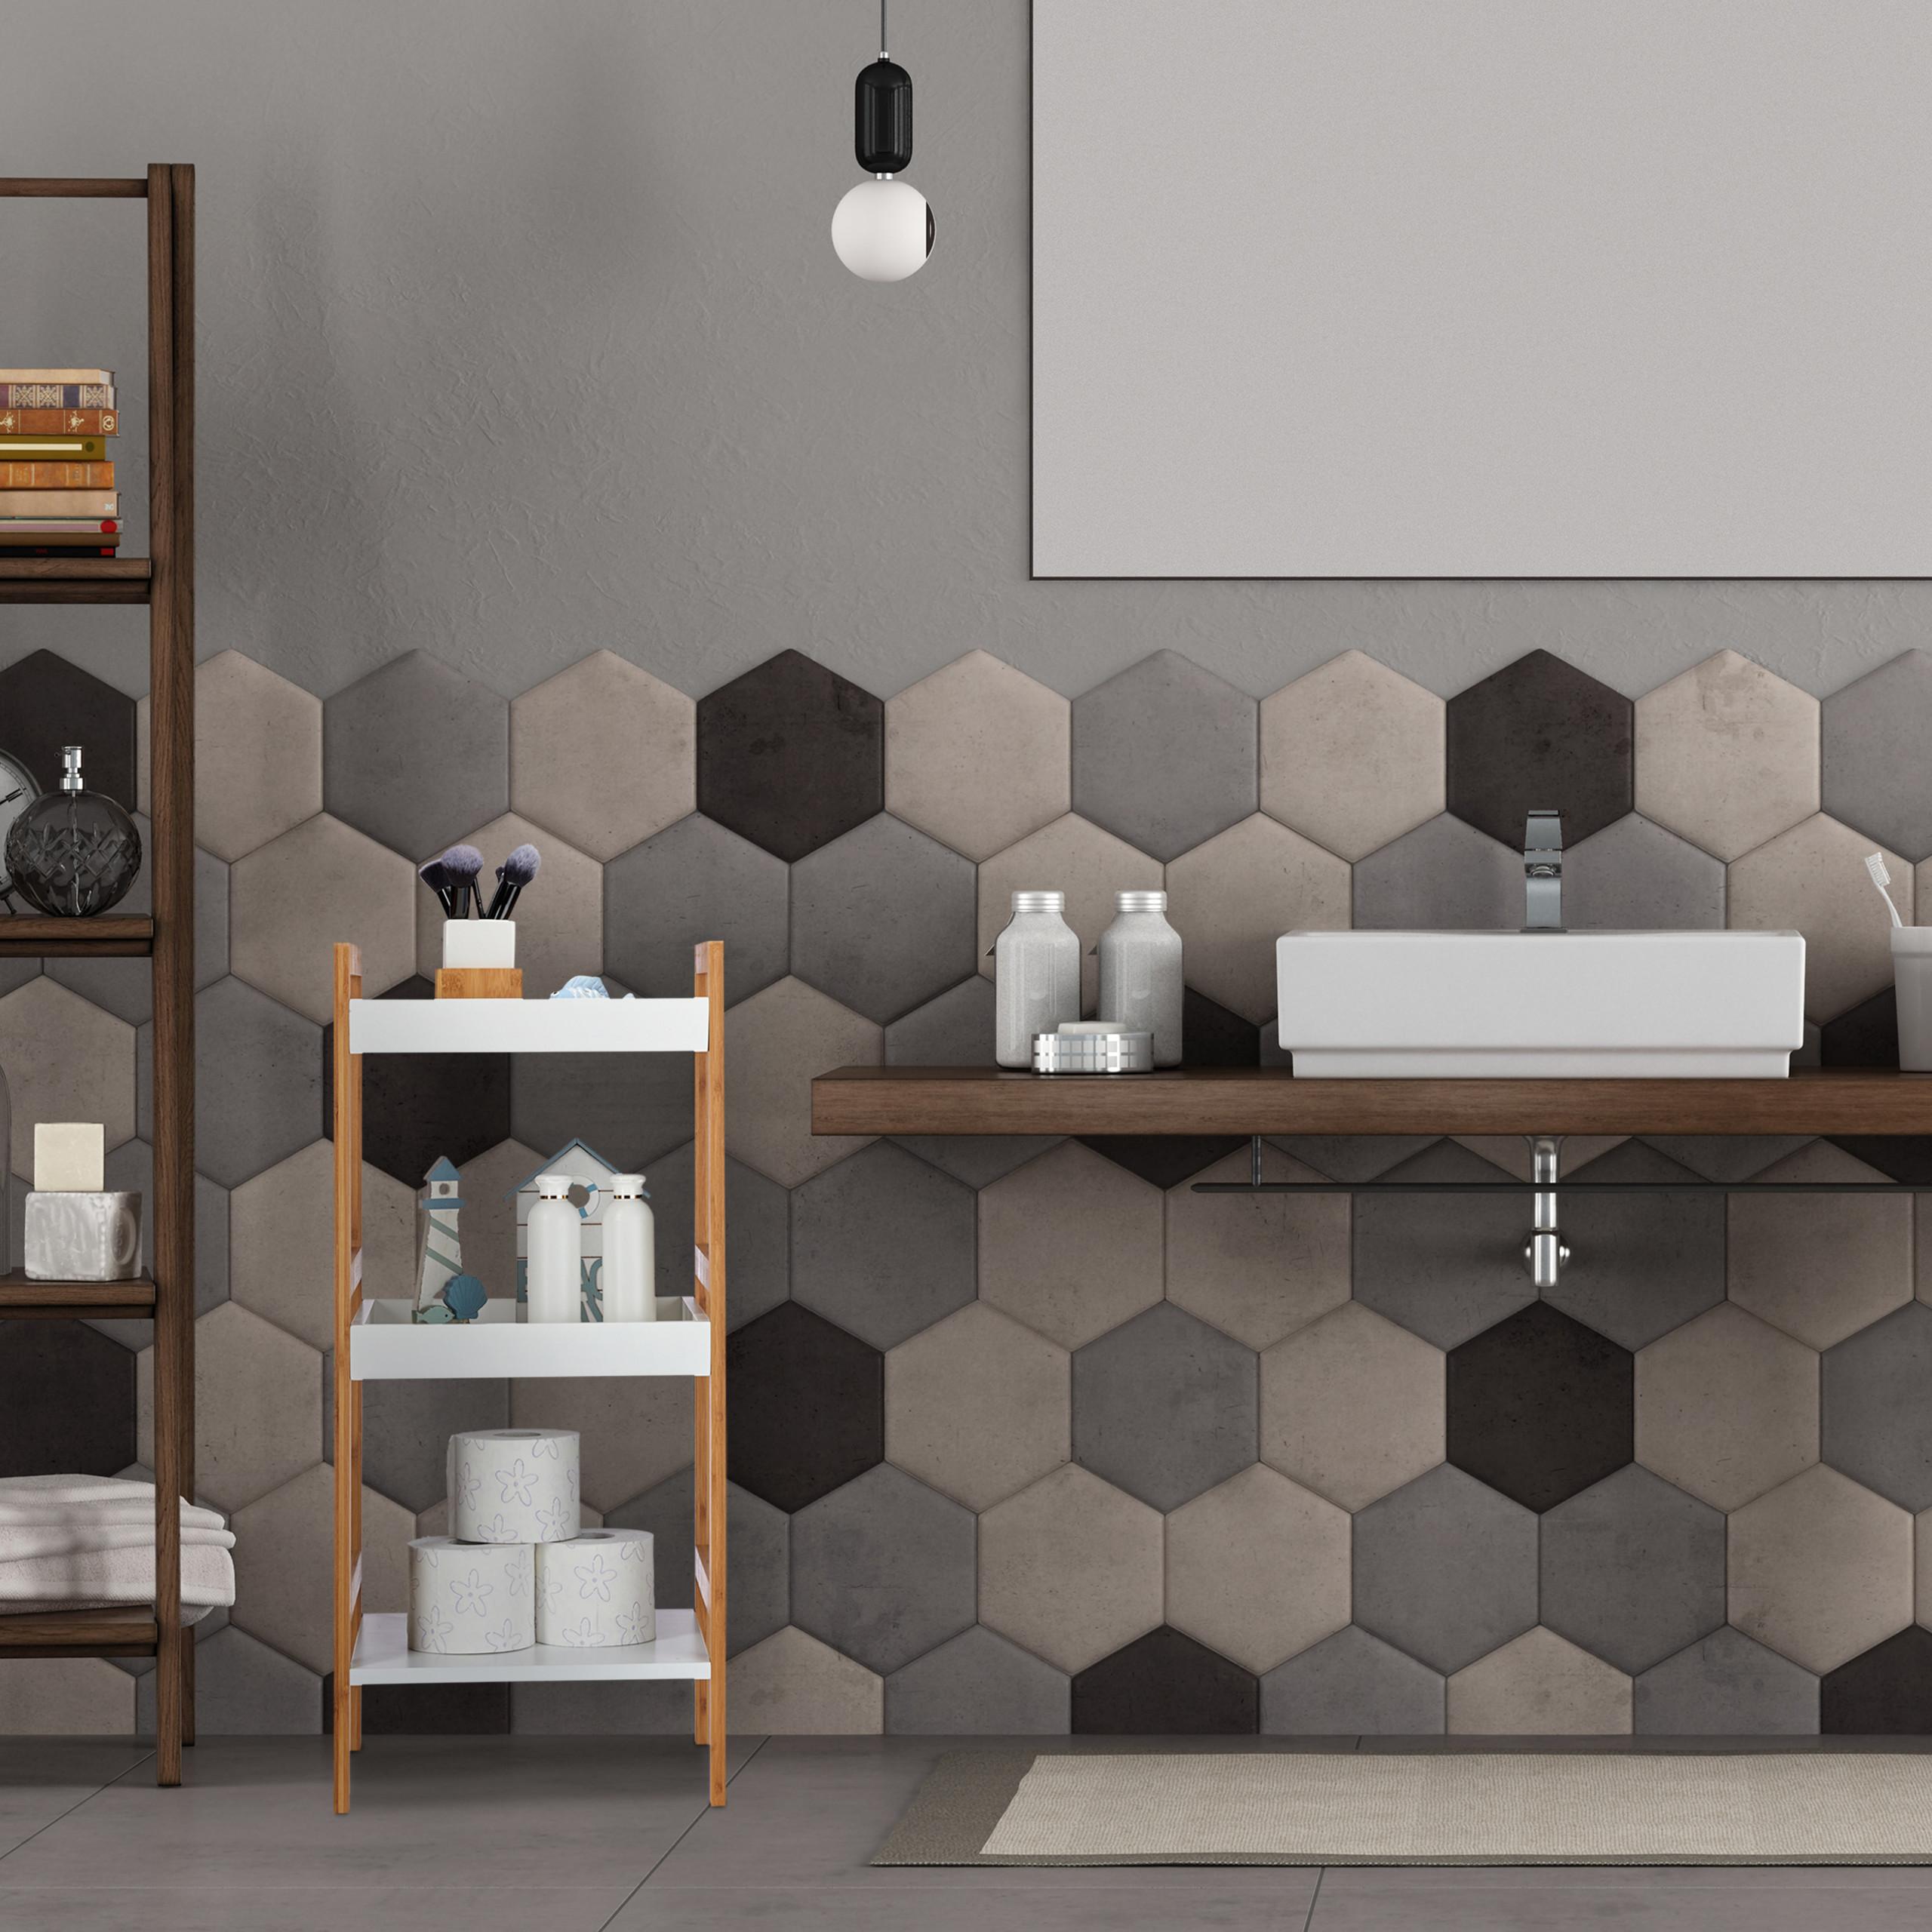 Dettagli su Mobiletto bagno con mensole, scaffale da cucina in bambù,  aperto, autoportante